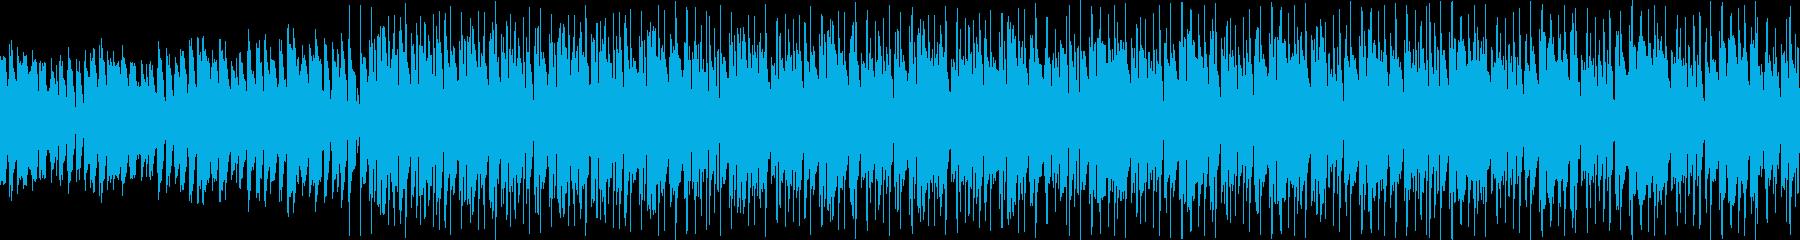 ピアノとキーボードの切ないループ曲の再生済みの波形